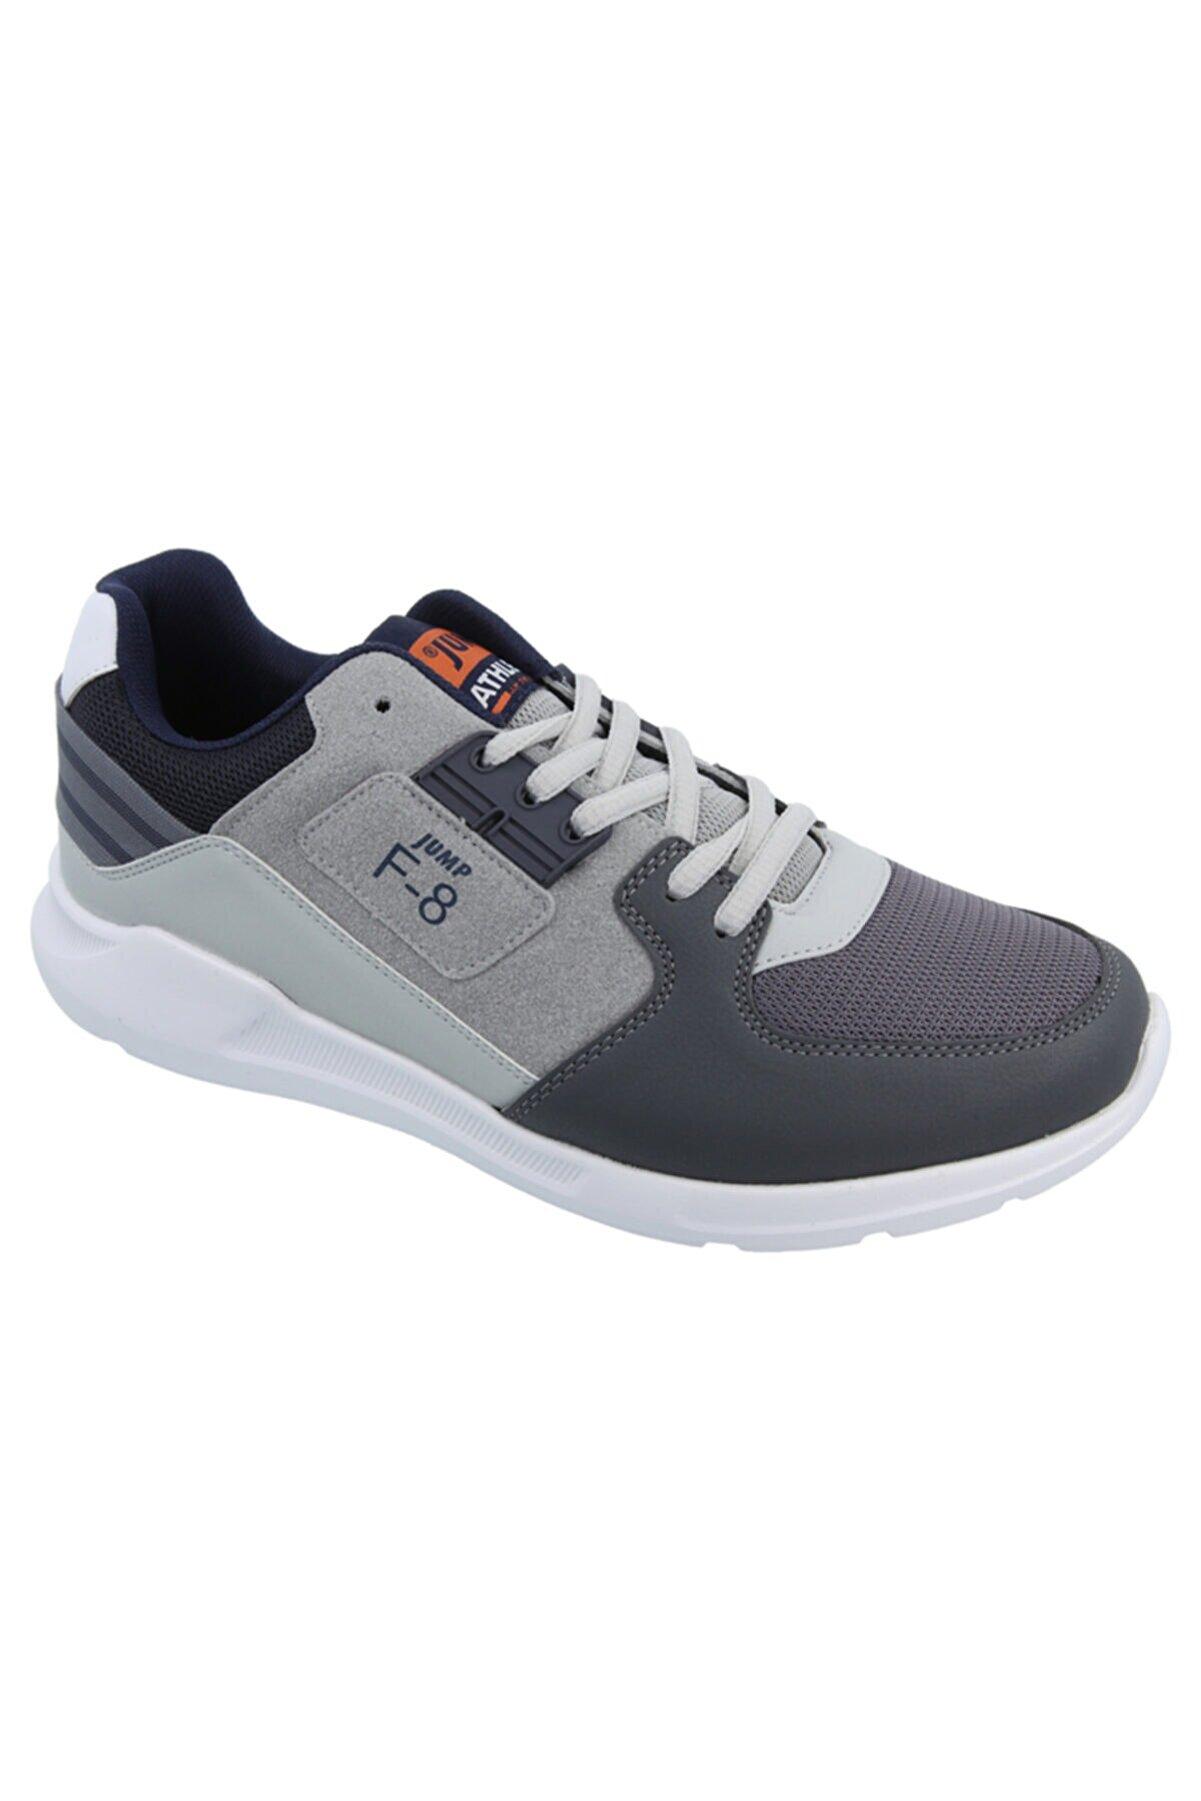 Jump Unisex Gri Günlük Ayakkabısı 21159